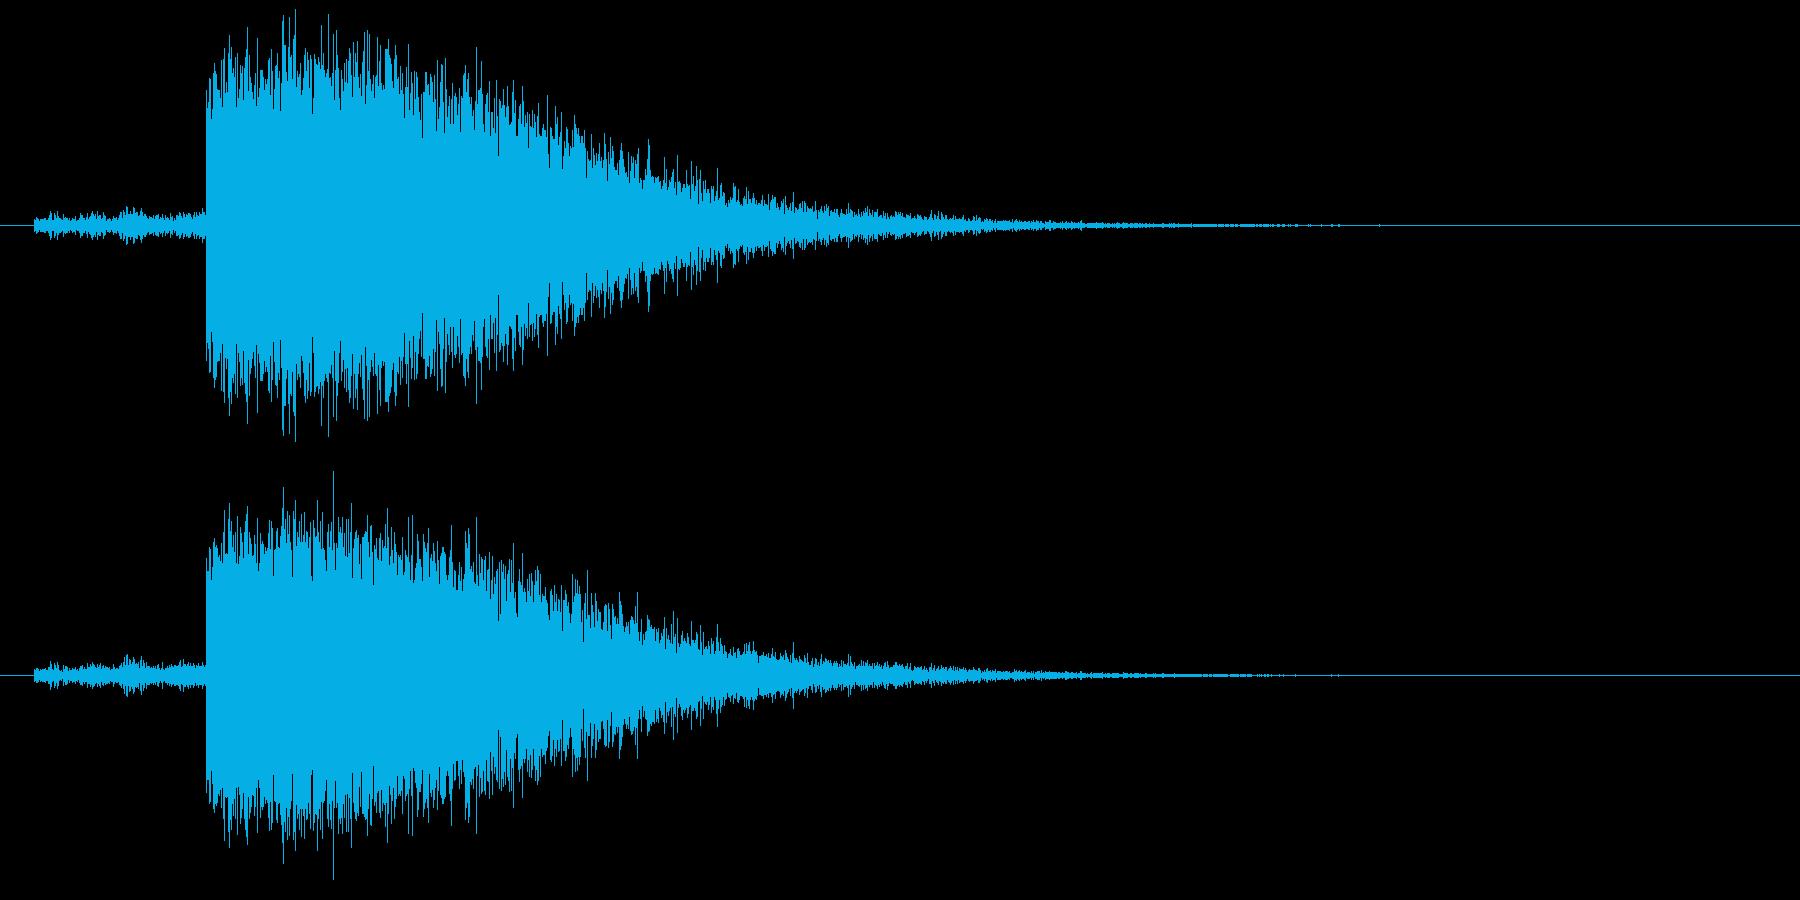 ゴロゴロ、ピシャーン(落雷の音)の再生済みの波形